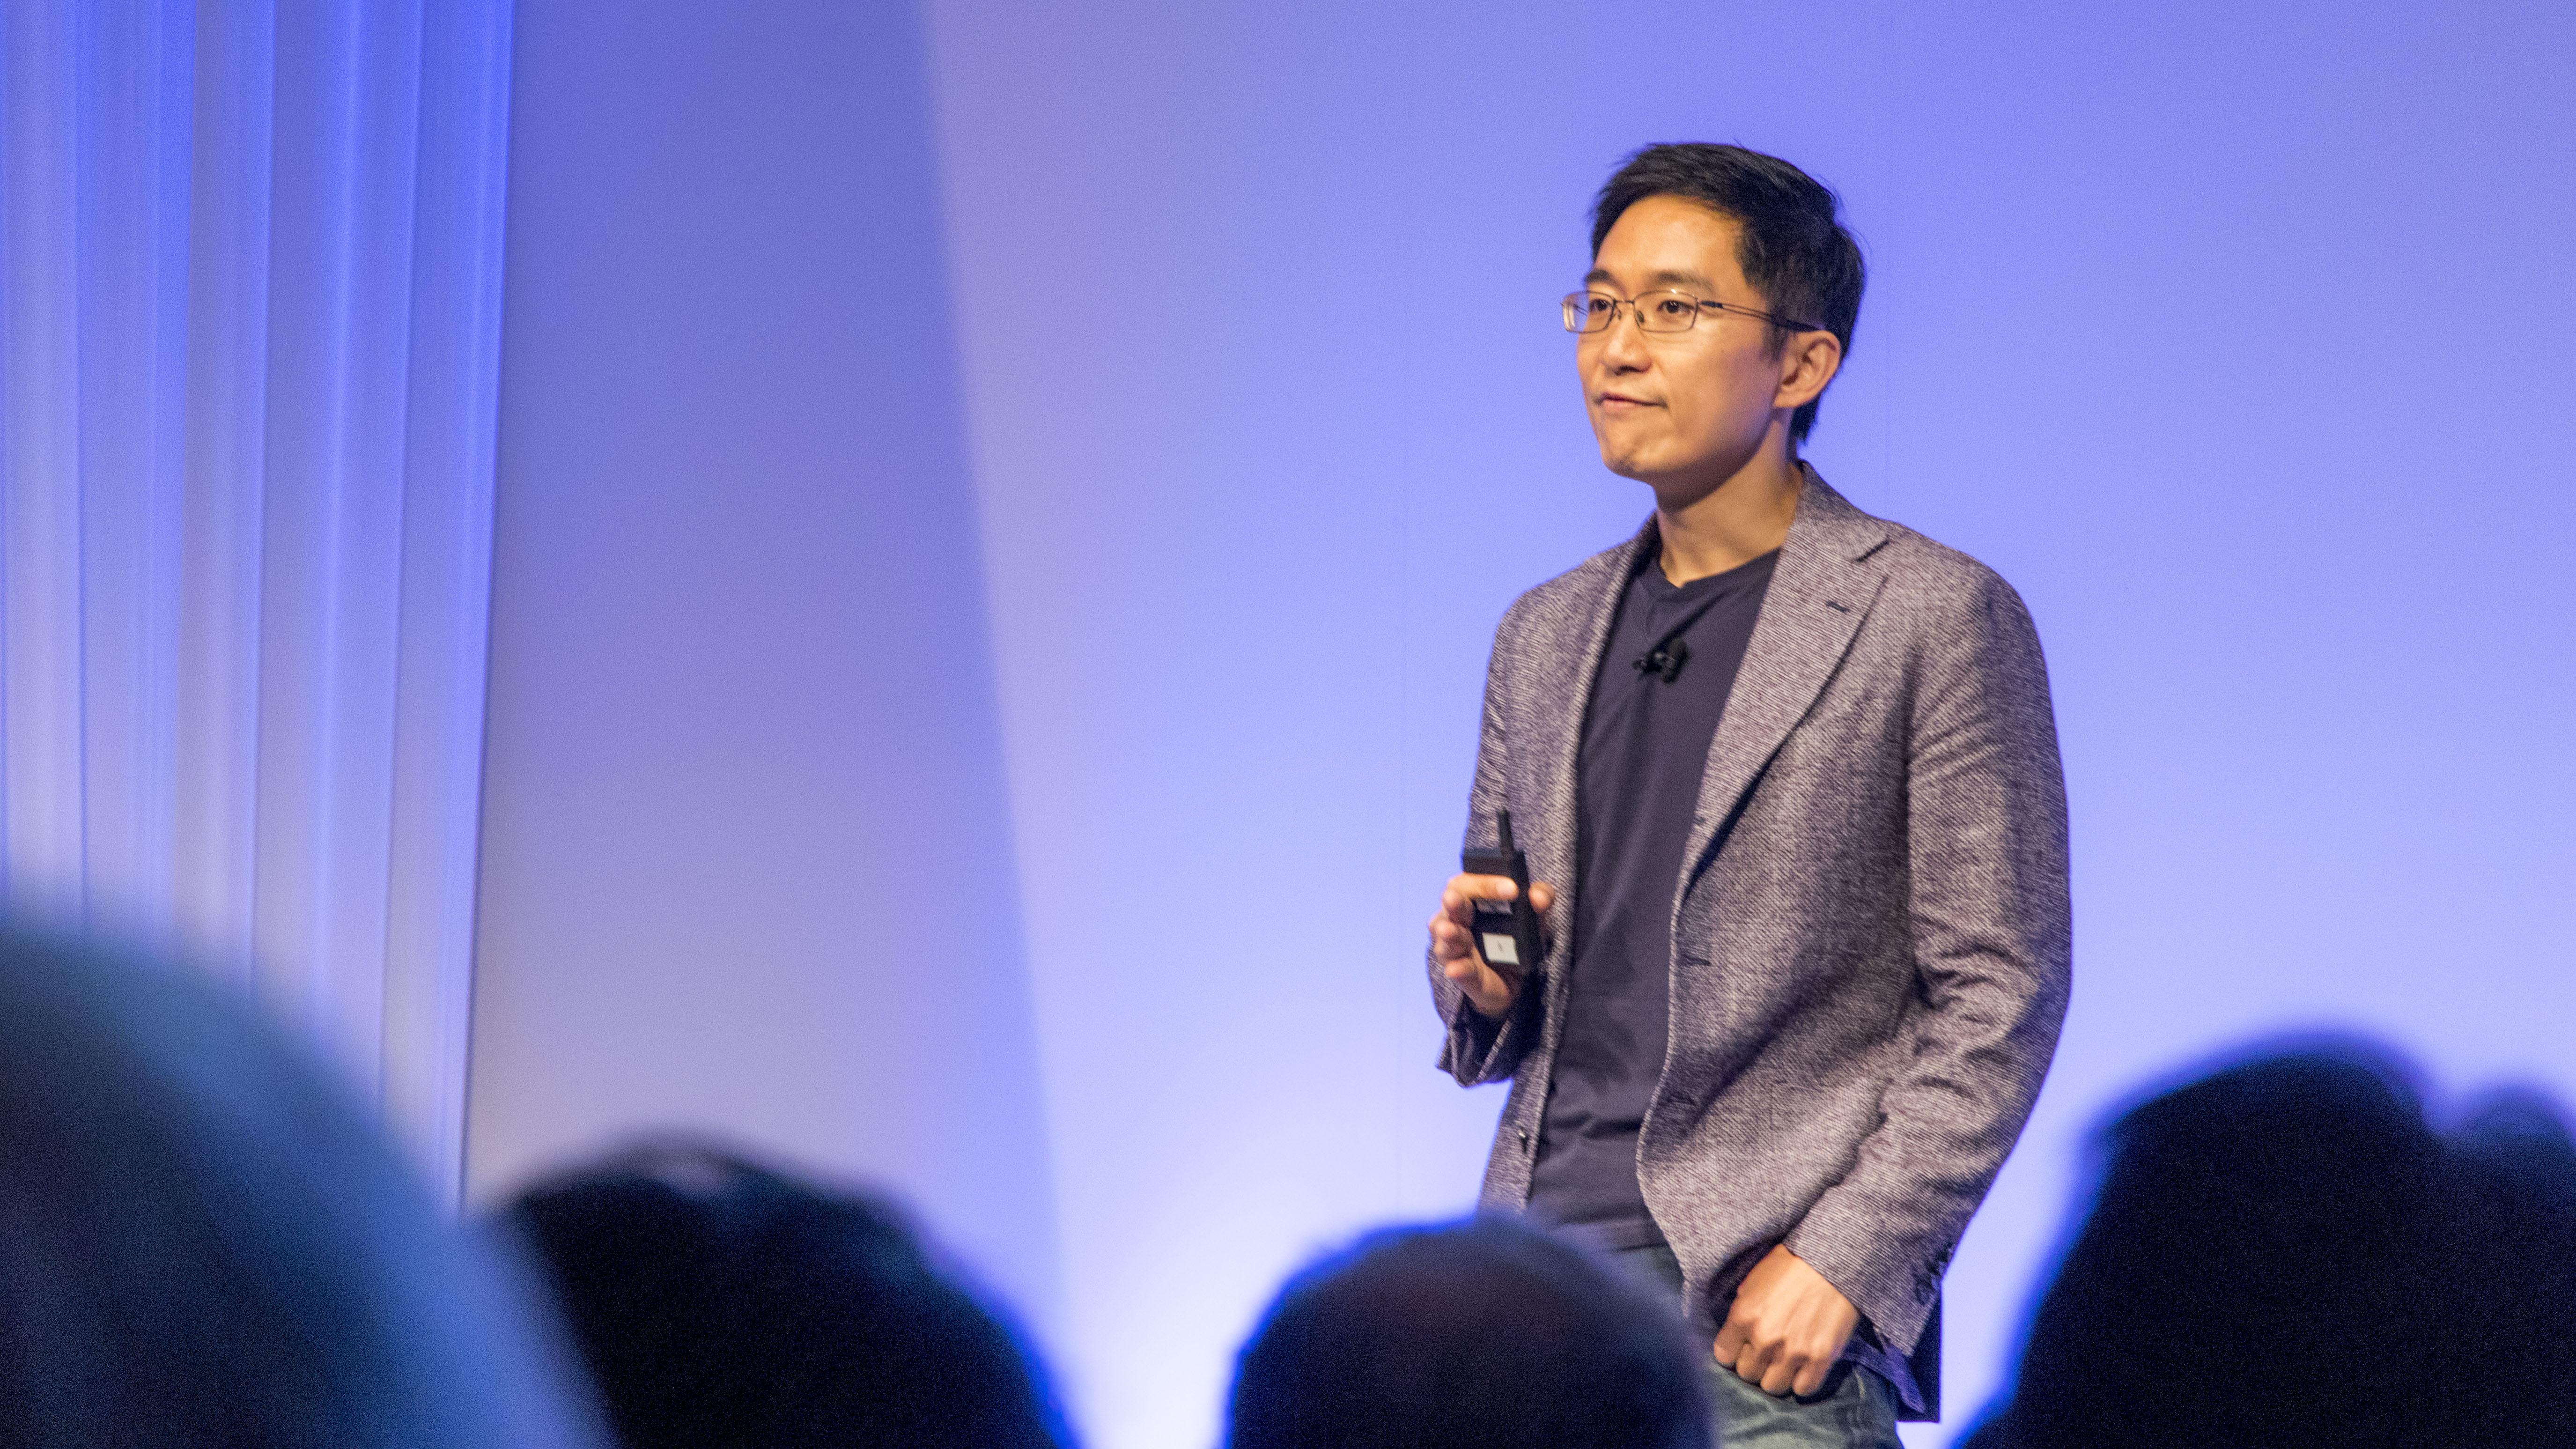 中国におけるモバイル損保「Zhongan」のCOO Wayne Xu氏